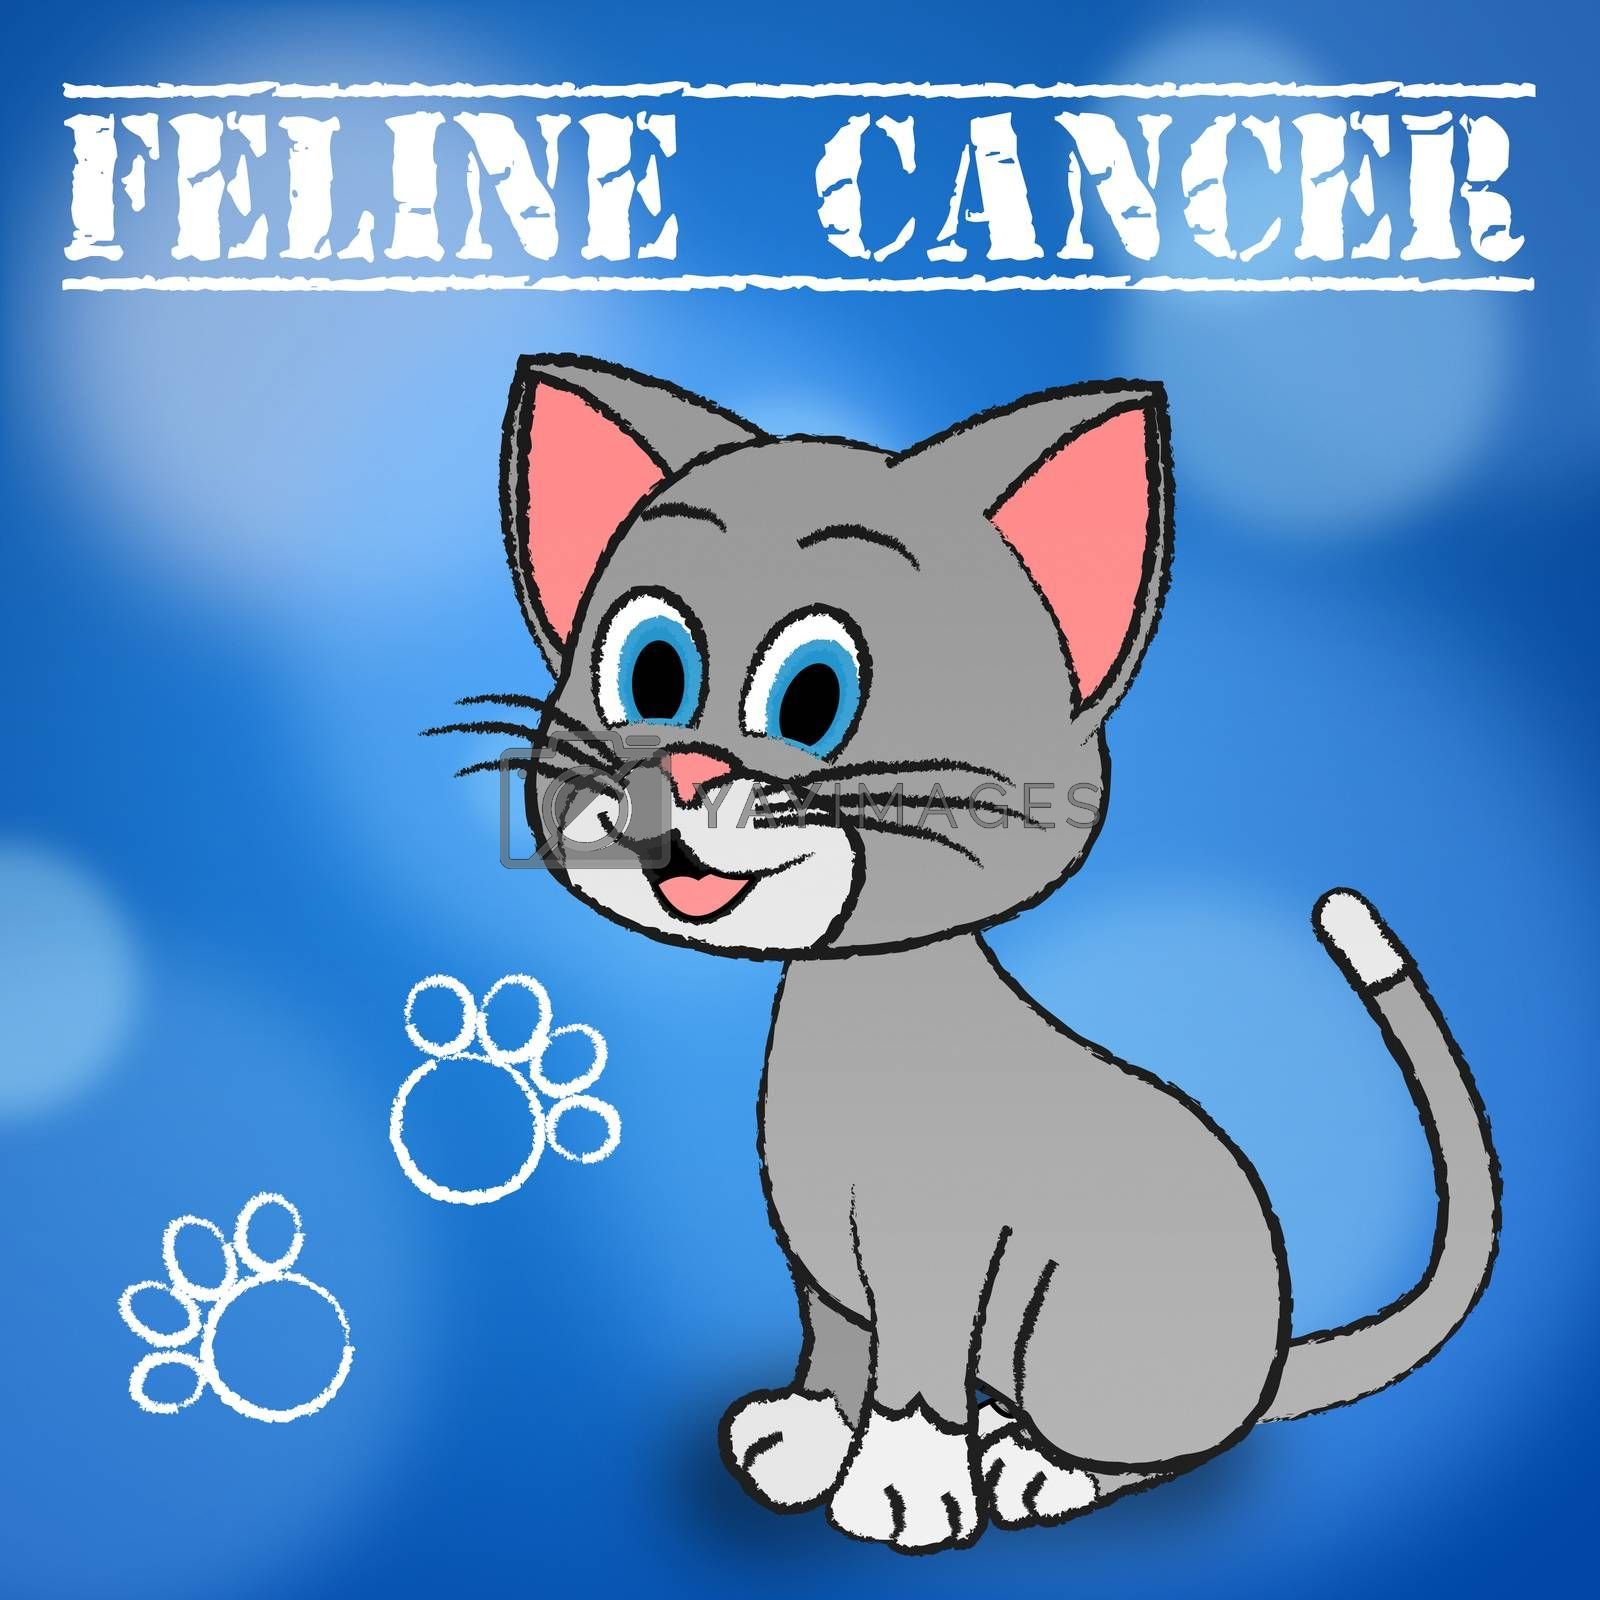 Feline Cancer Showing Malignant Growth And Malignancy